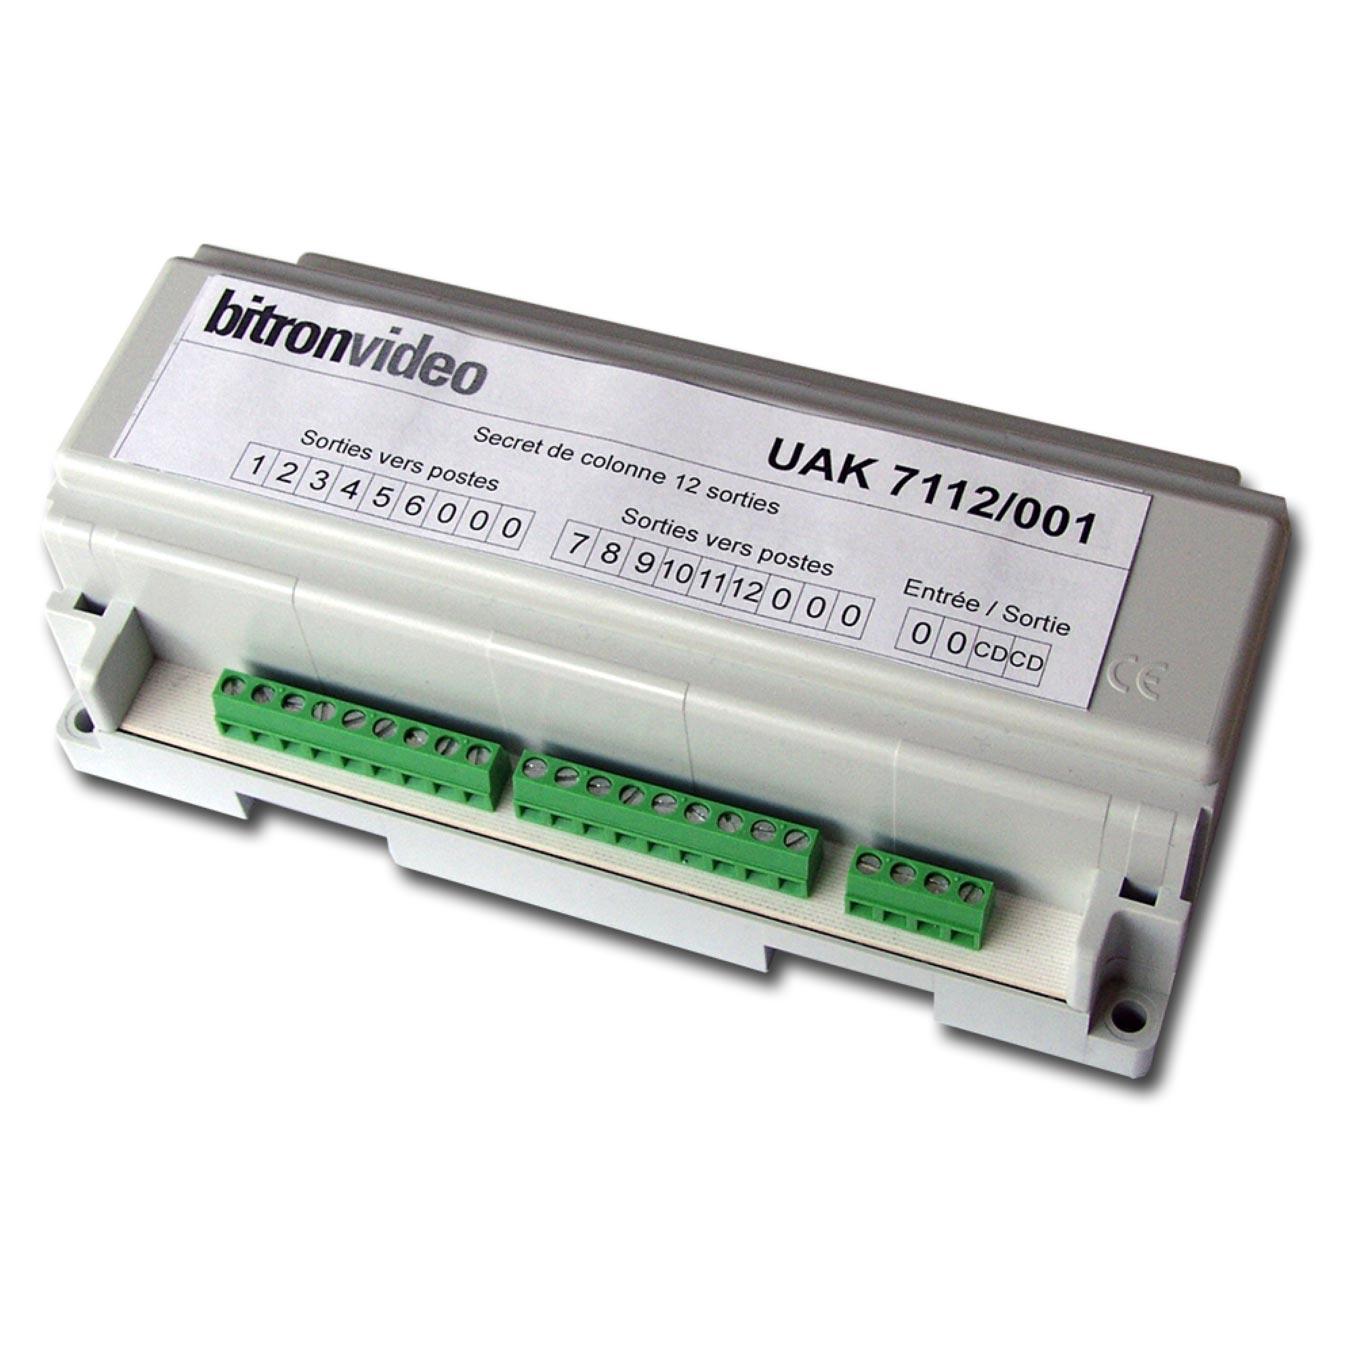 Bitron - BITUAK7112001 - SECRET 2 FILS DE COLONNE